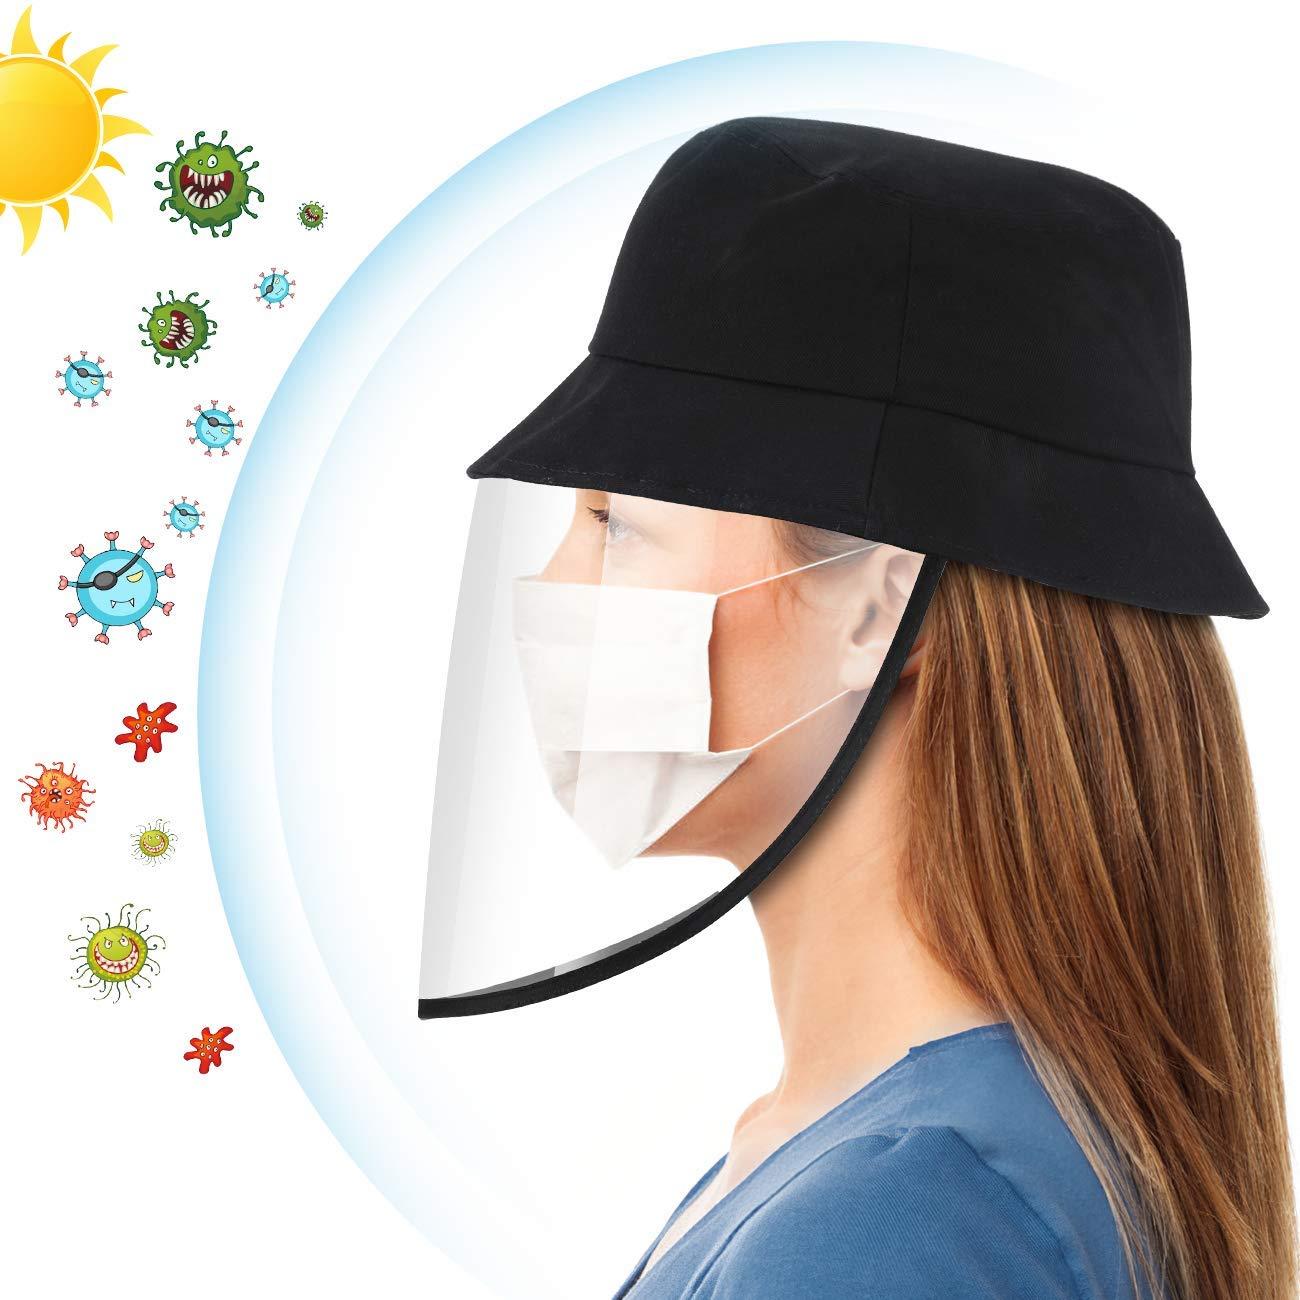 Sombrero con Pantalla Protectora Desmontable al Aire Libre, AGPTEK Gorra de Pescador Antiniebla para Anti-Virus, Bacterias, Saliva y Polvo, Negro